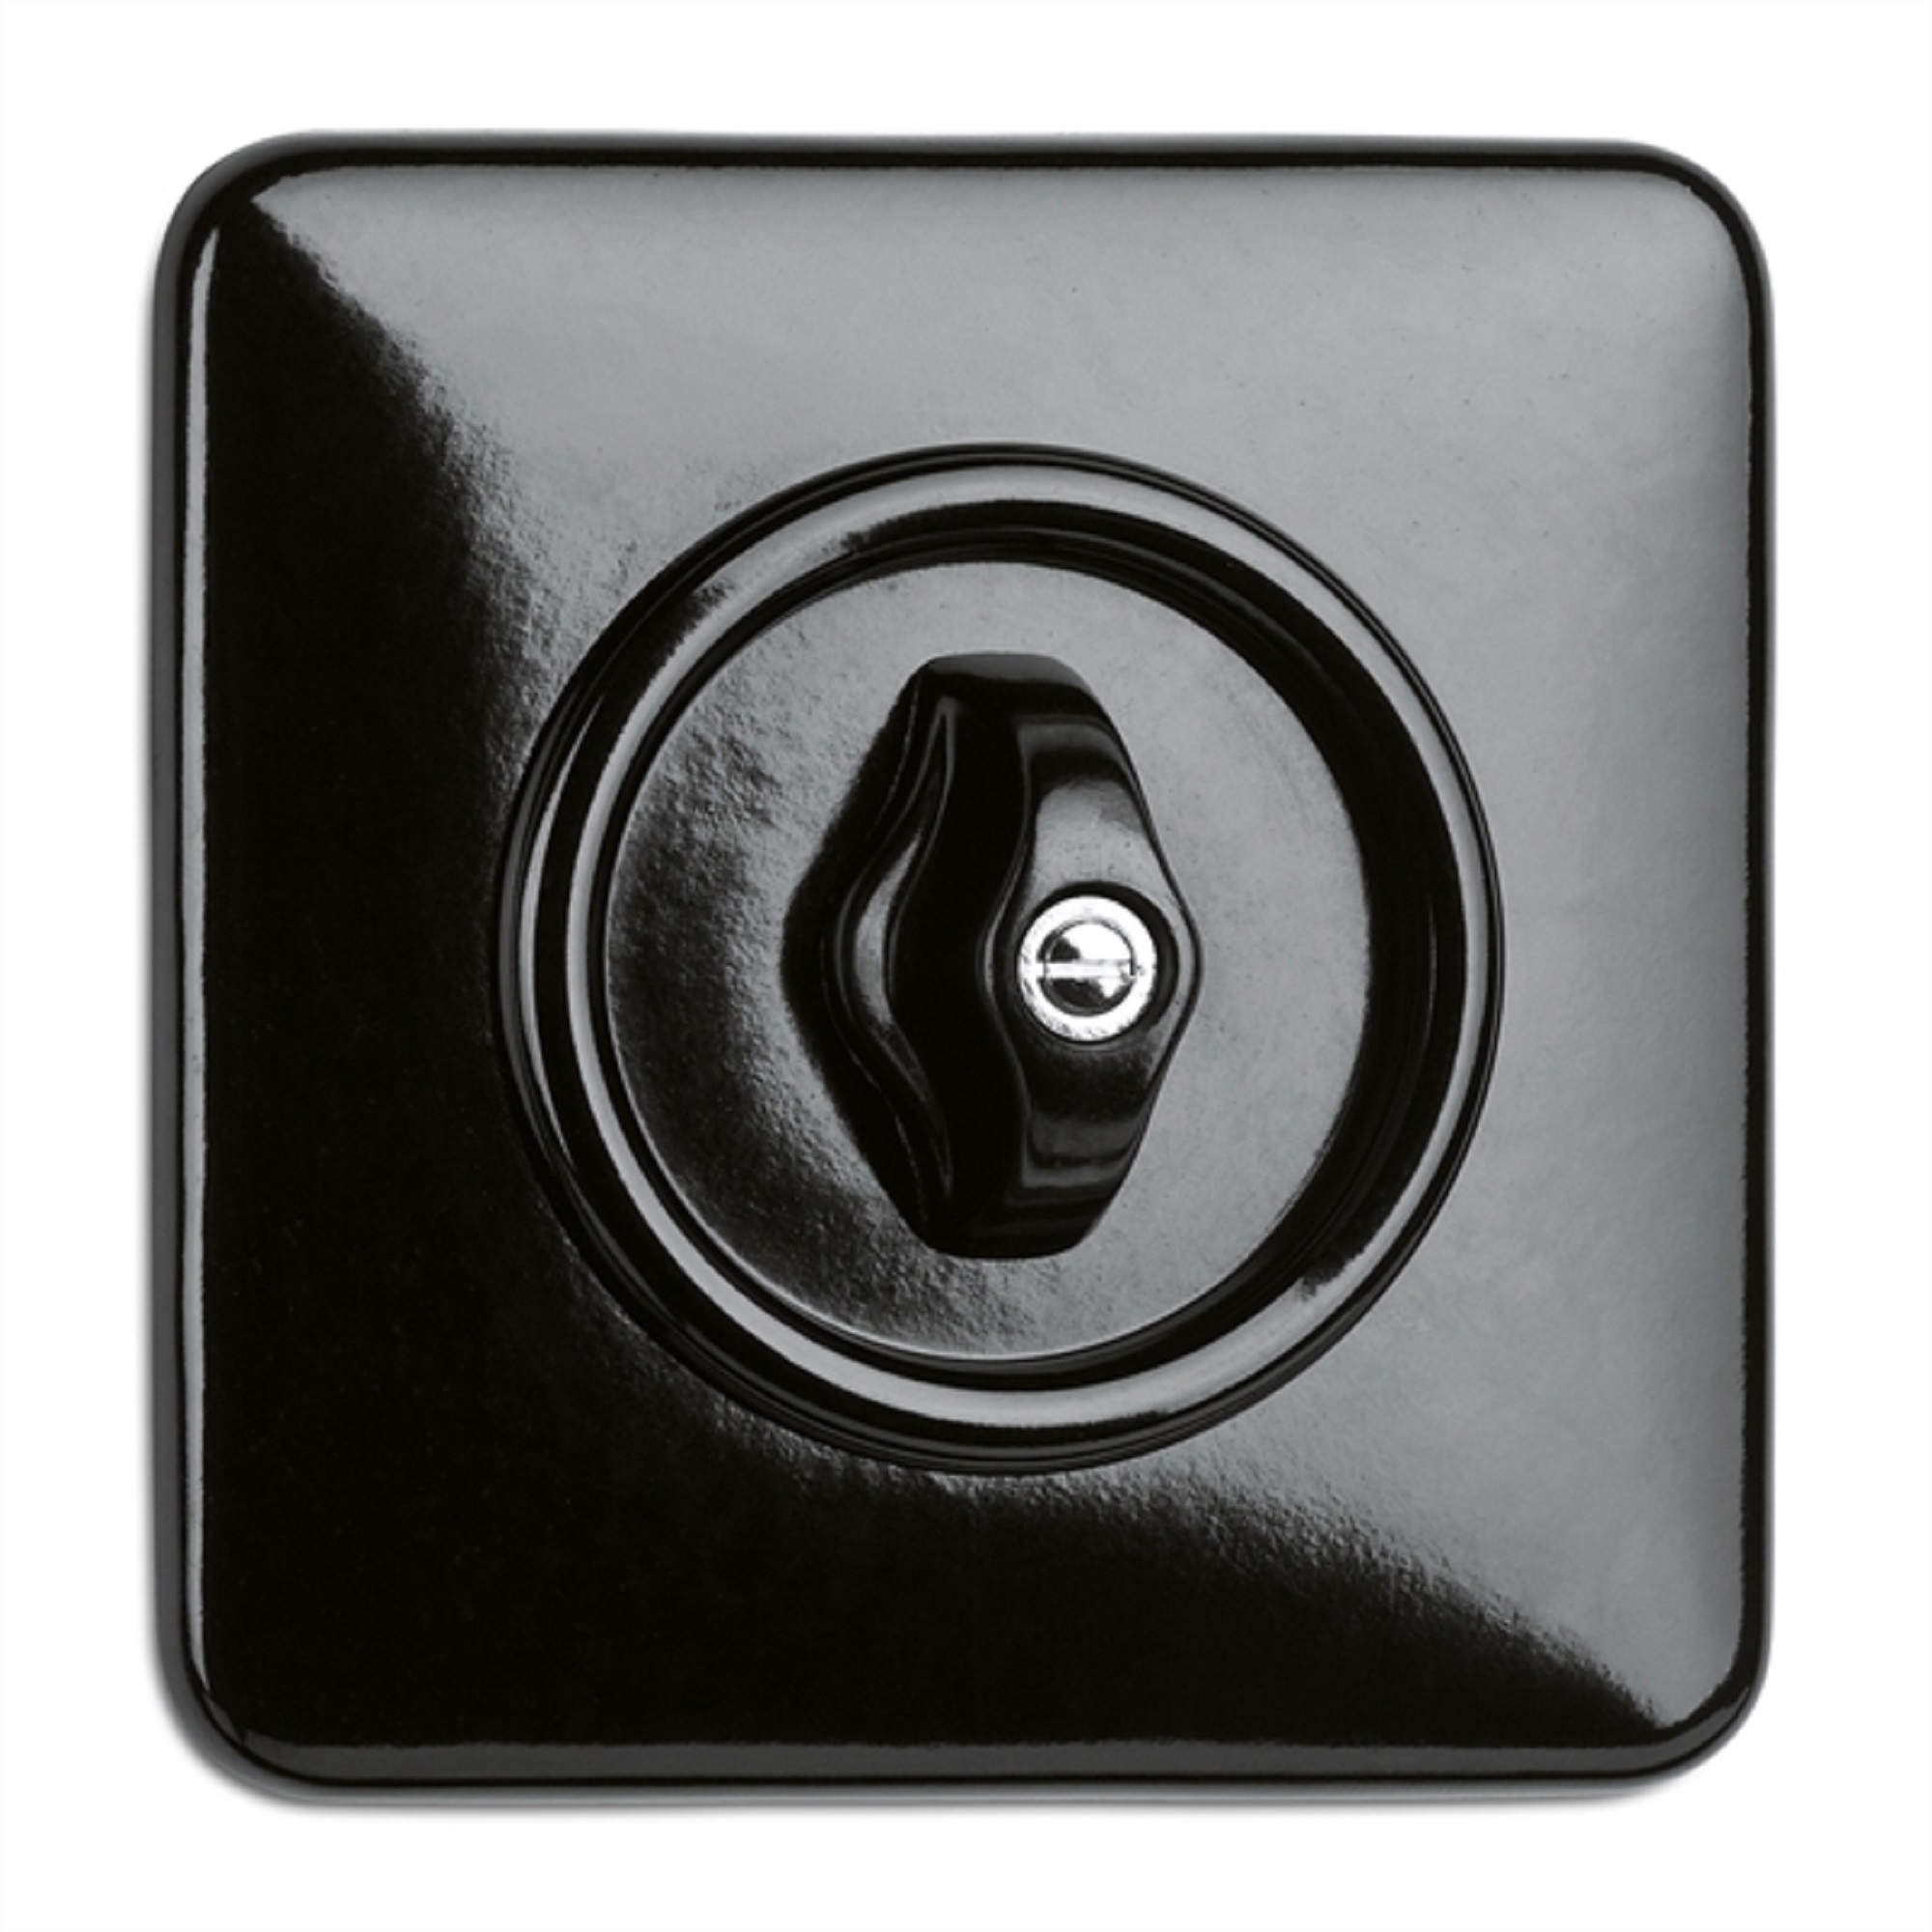 900.0014.BS Drehschalter Wechsel, Unterputz-Schaltersystem Bakelit schwarz mit eckiger Abdeckung